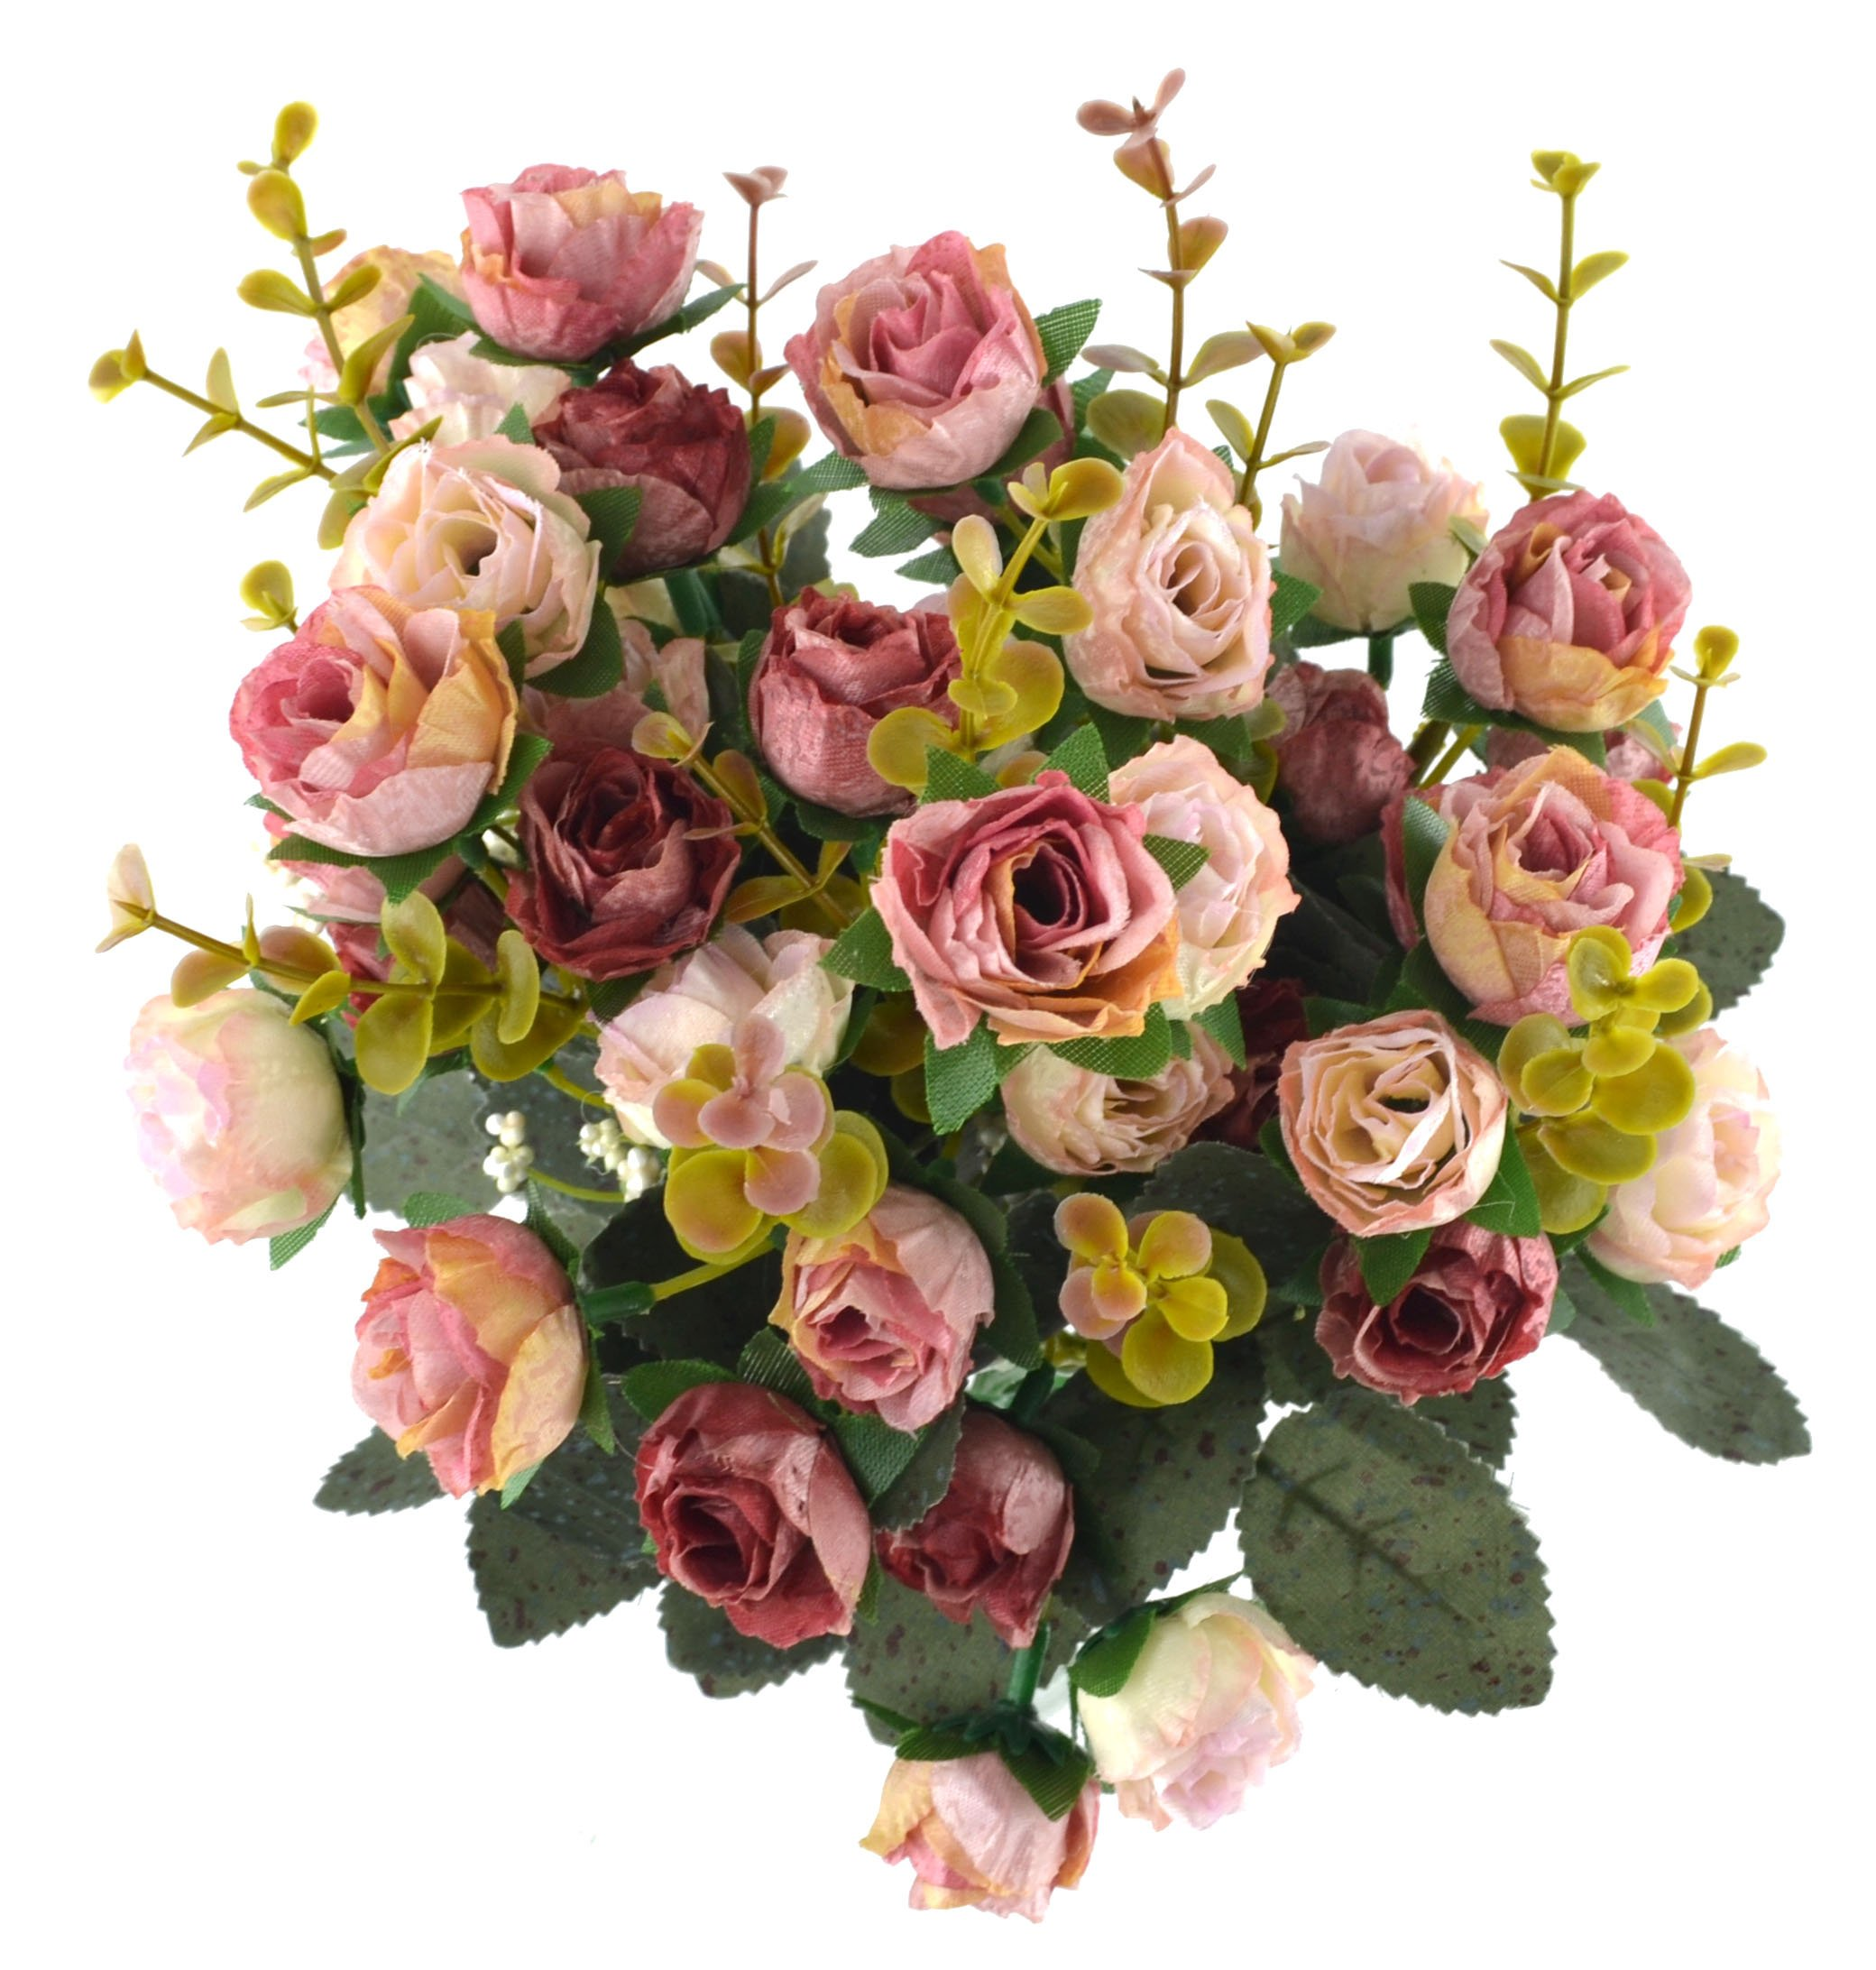 Flower Arrangements For Home Decor: Artificial Floral Arrangements Decor: Amazon.com